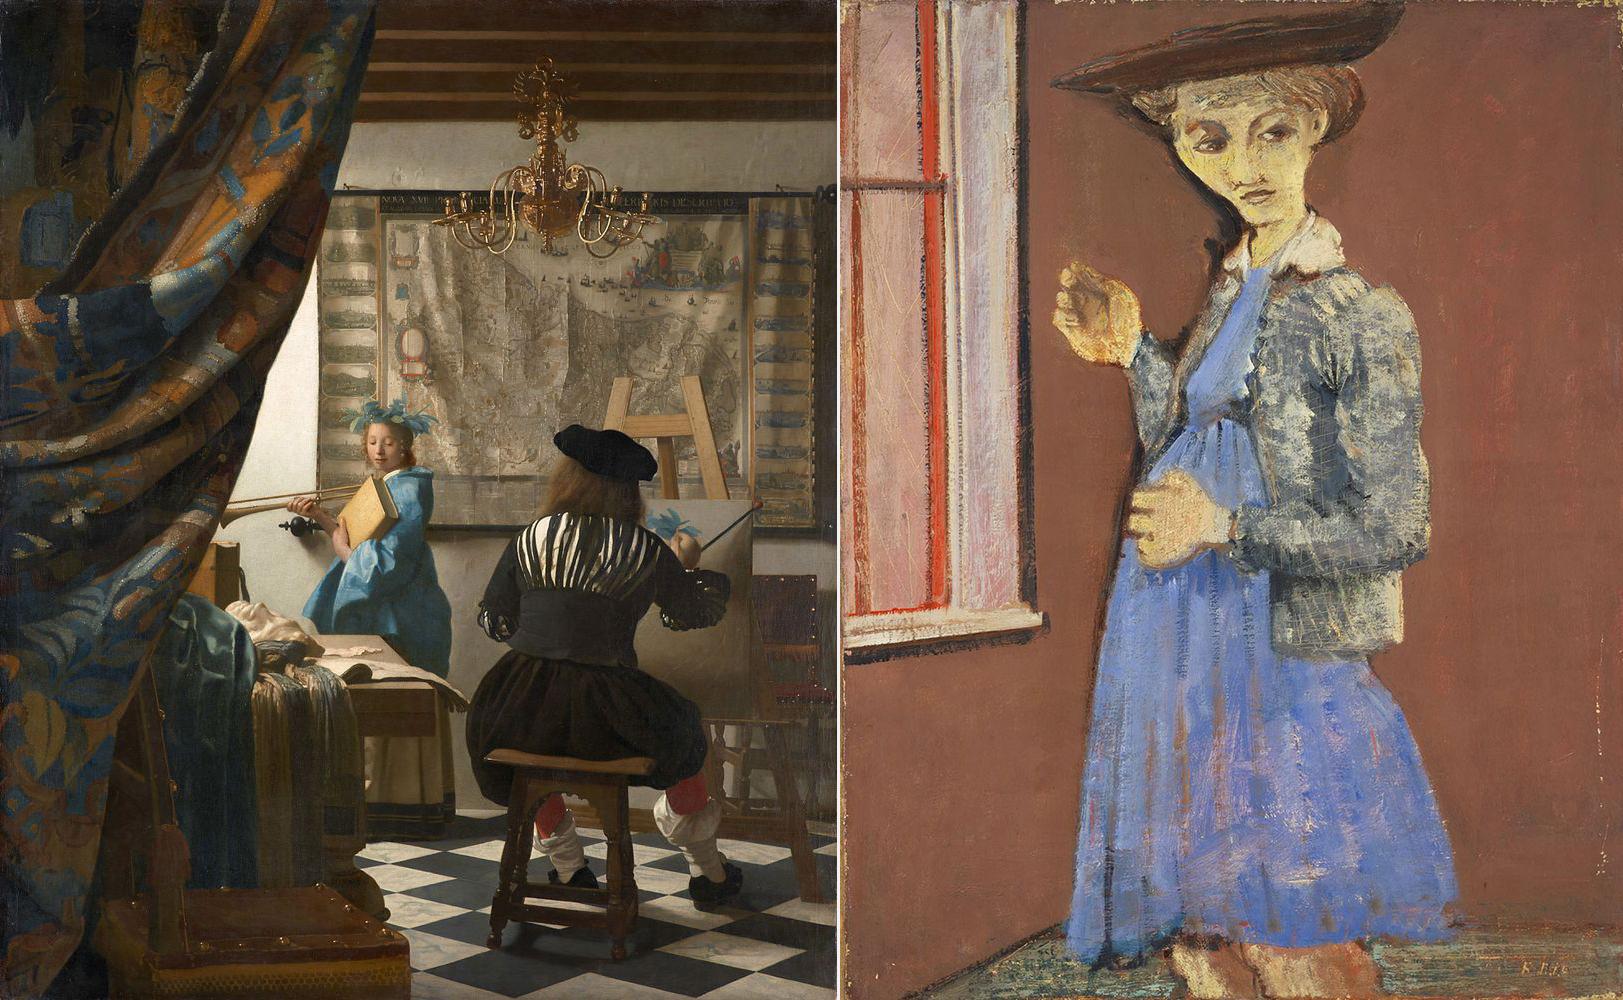 Ян Вермеер. Искусство живописи, 1666-68, Марк Ротко. Портрет Марии, 1938-1939